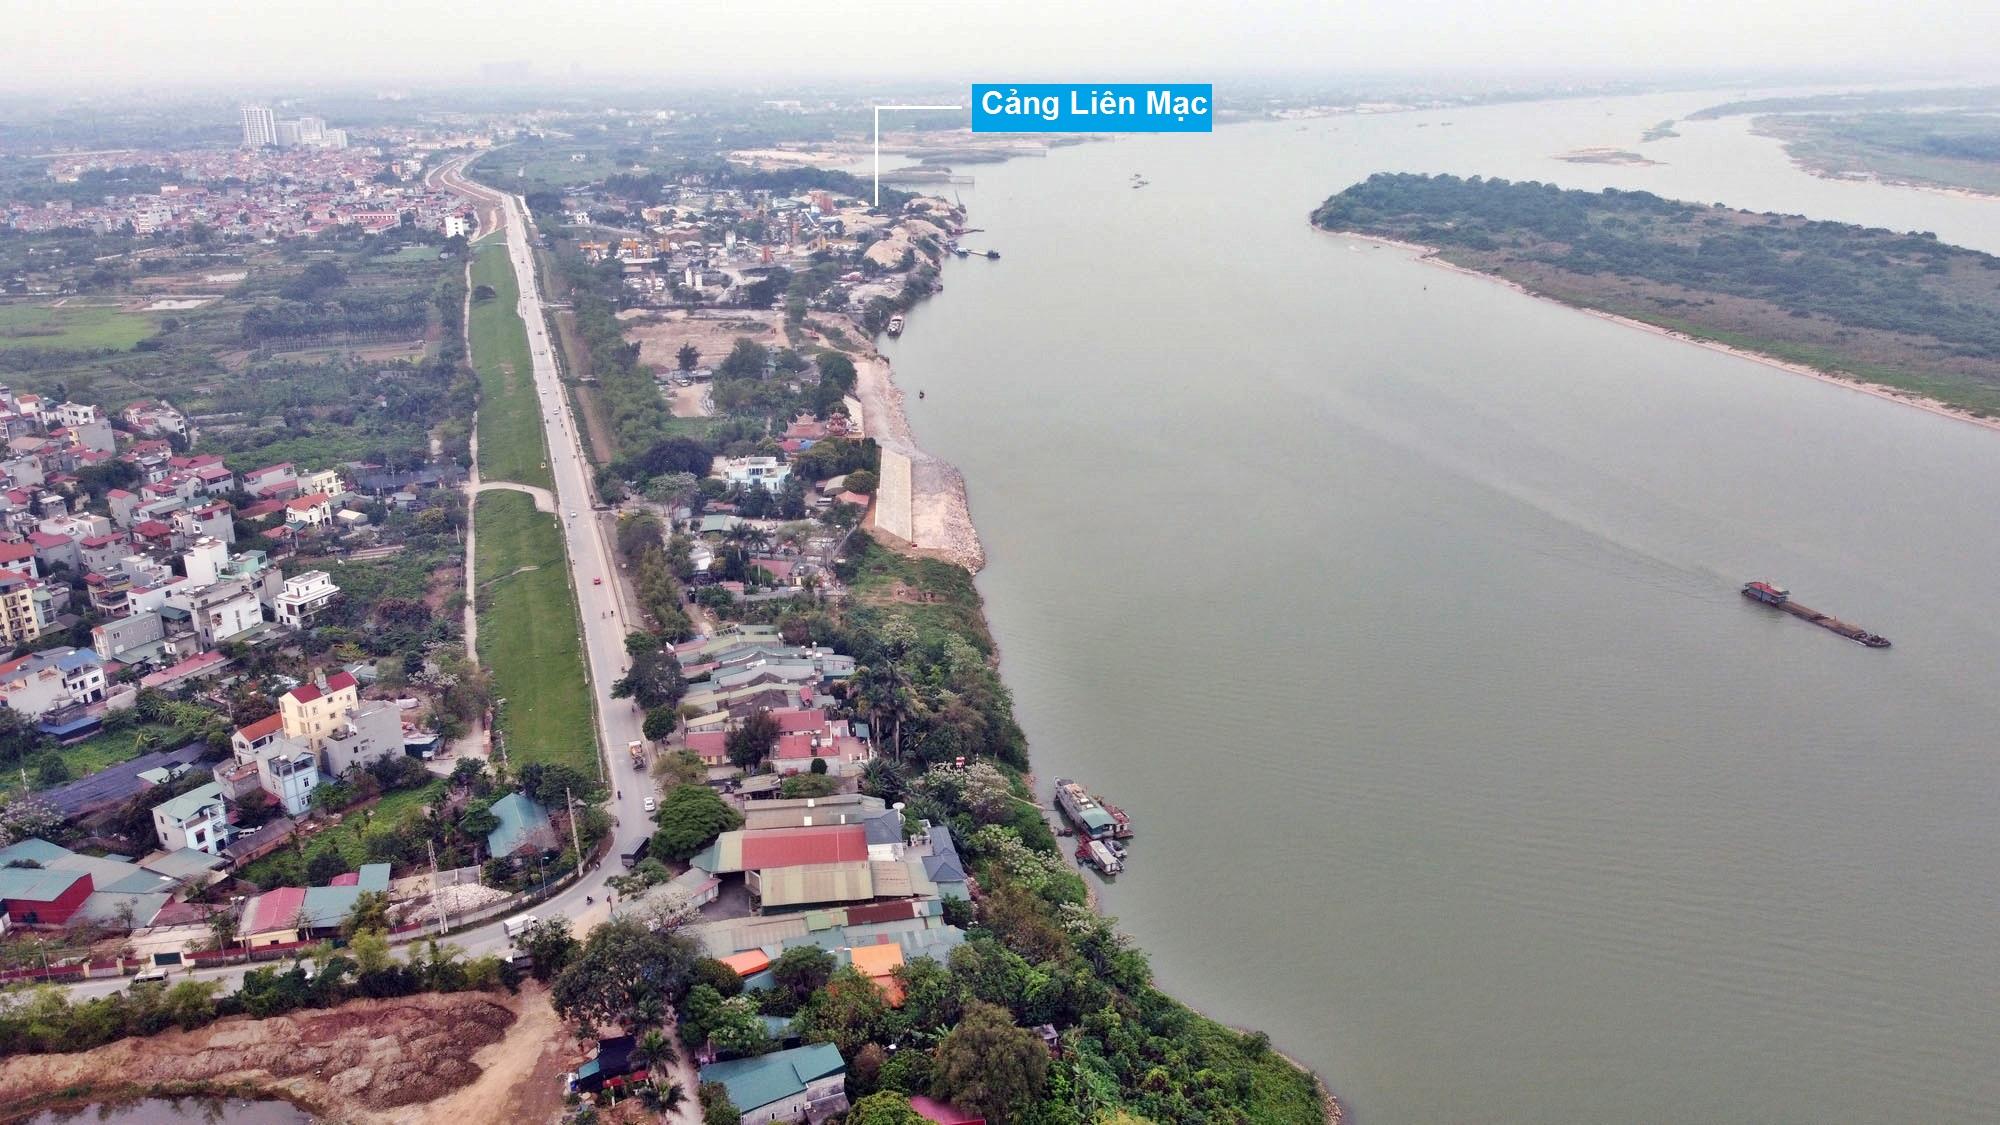 Toàn cảnh hiện trạng Phân khu đô thị sông Hồng trên địa bàn quận Bắc Từ Liêm - Ảnh 19.